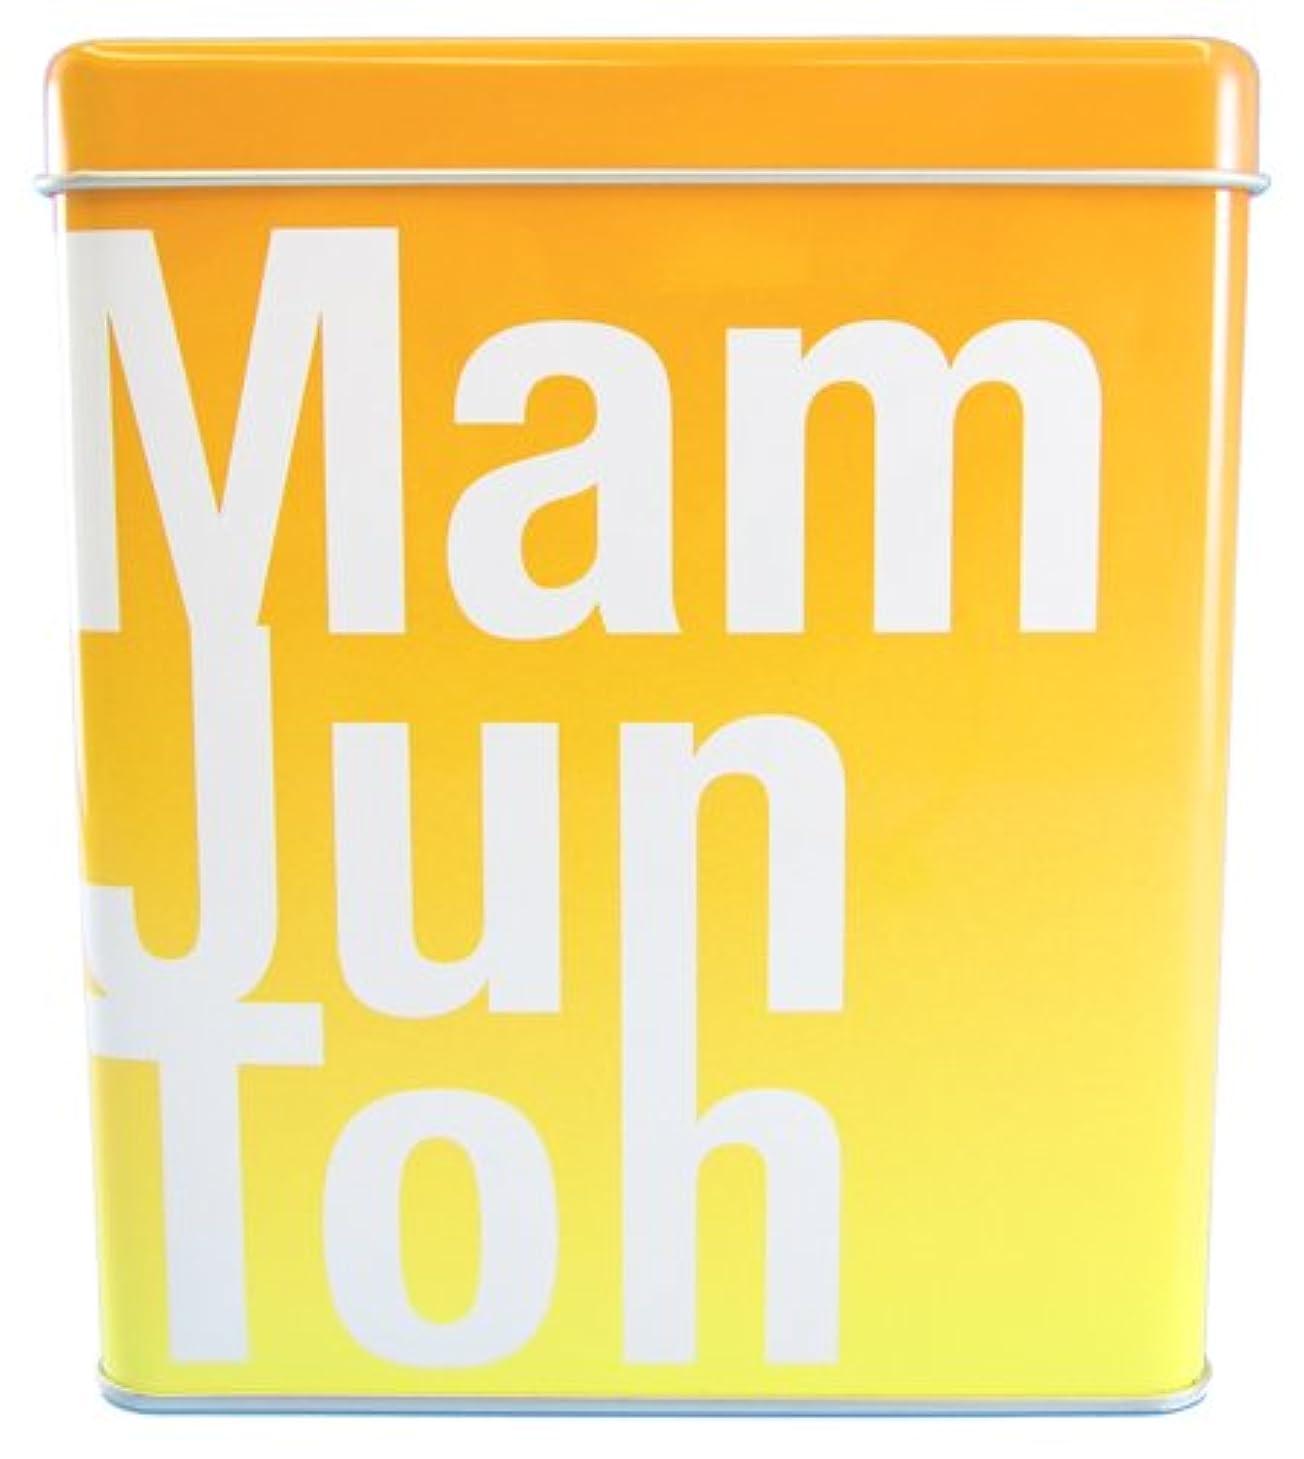 取る構想するほうき蔓潤湯 椿 パラダイス山元責任監修 薬用入浴剤 天然ビターオレンジの香り 750g